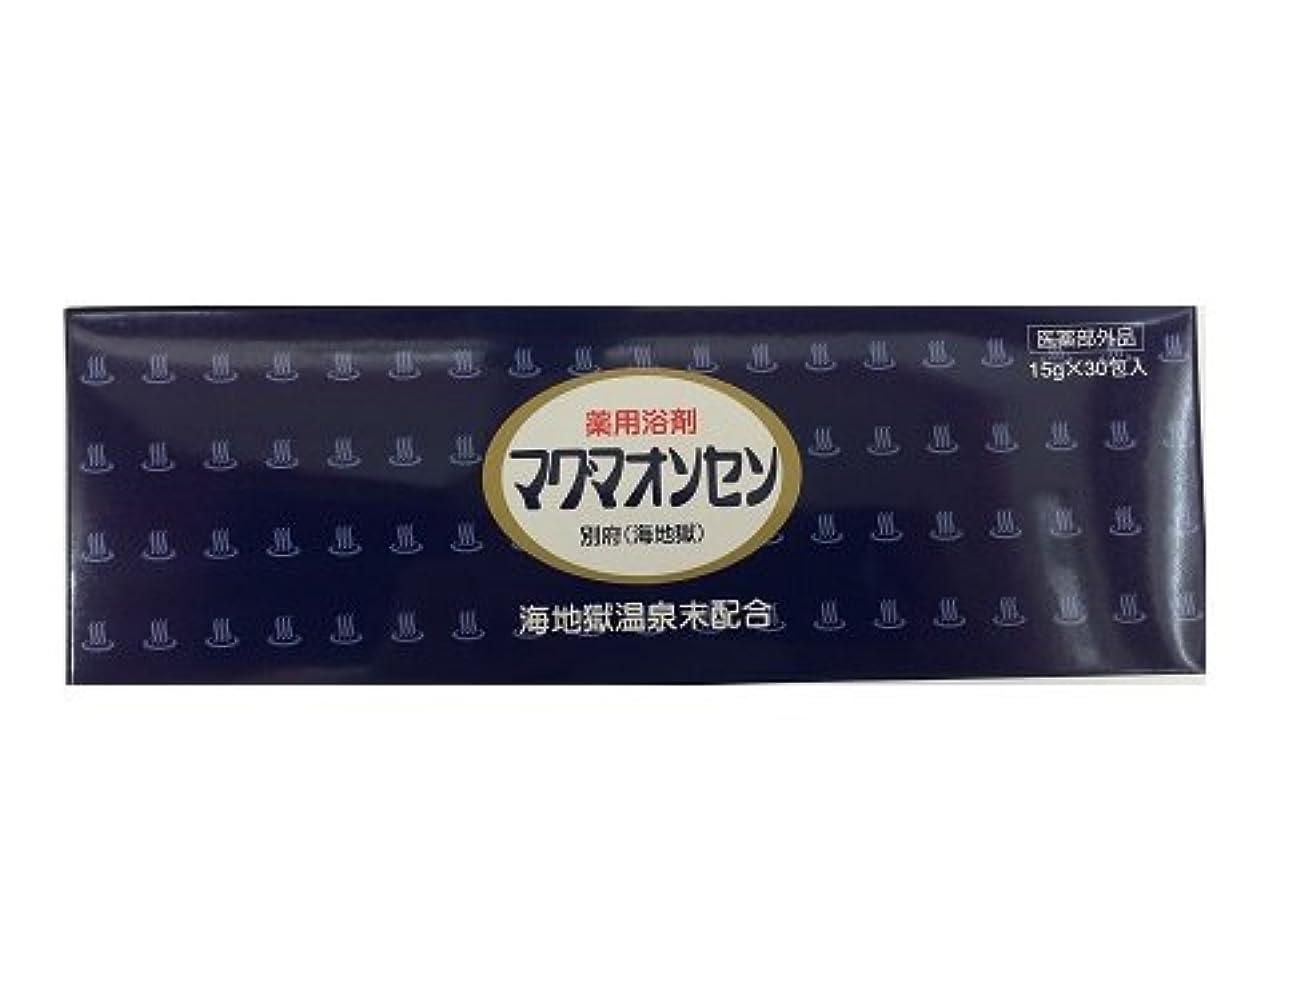 負くつろぐ踏み台マグマオンセン別府(海地獄) 15g×30包入三箱